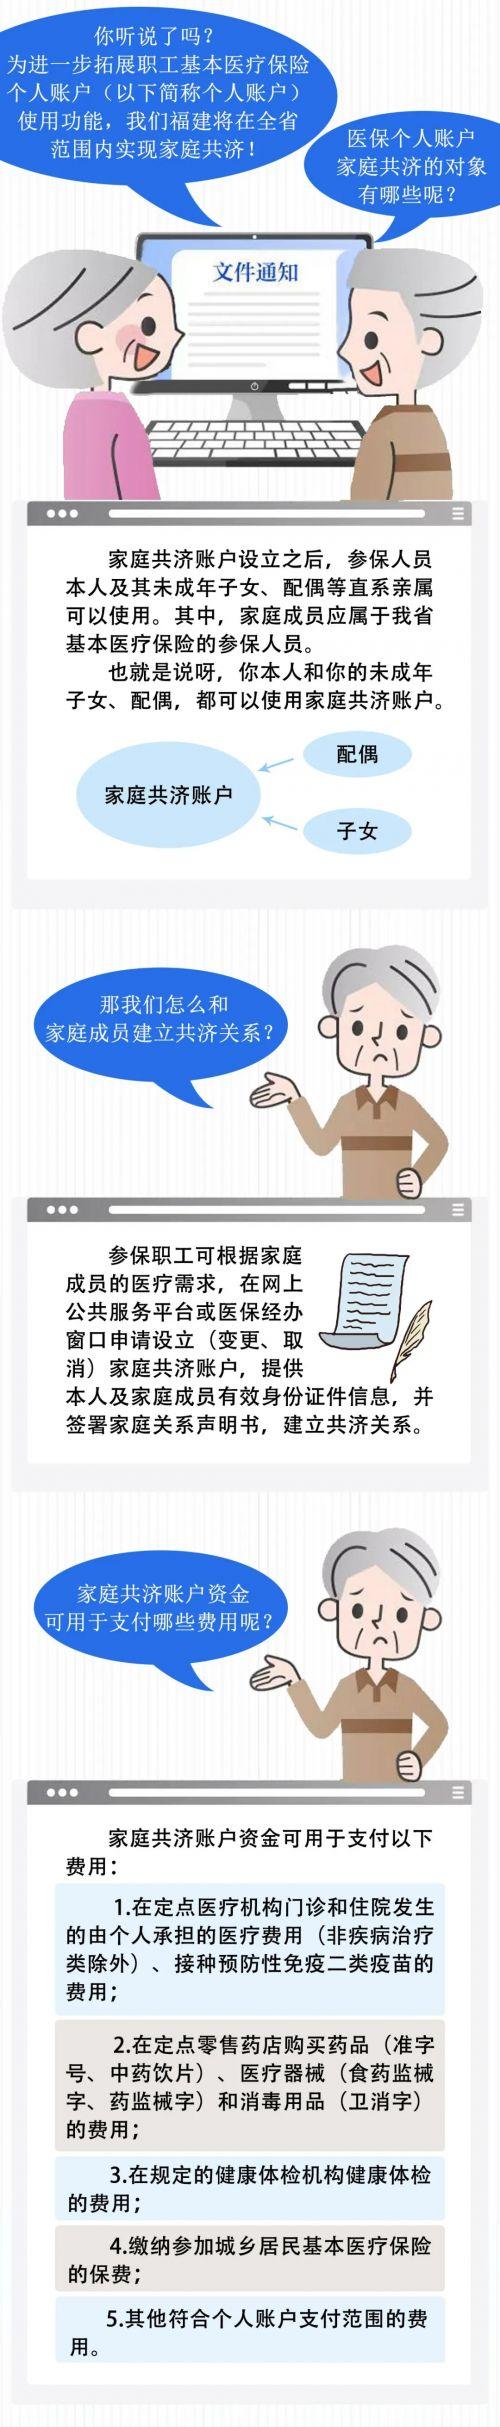 福建医保新政,7月1日起实施!(3)